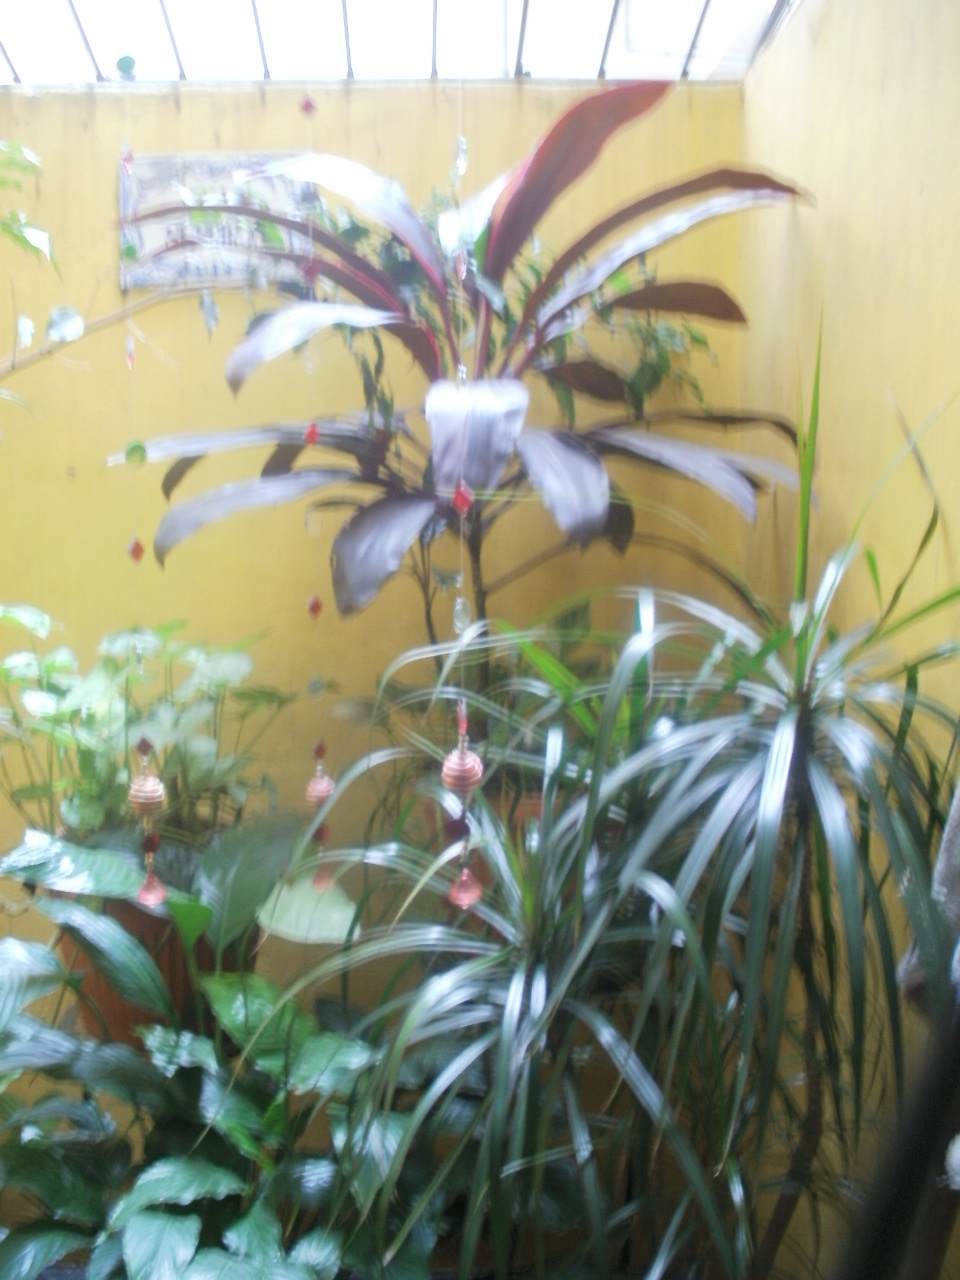 Adri jardineria cuidado de plantas de interior - Cuidado de plantas de interior ...